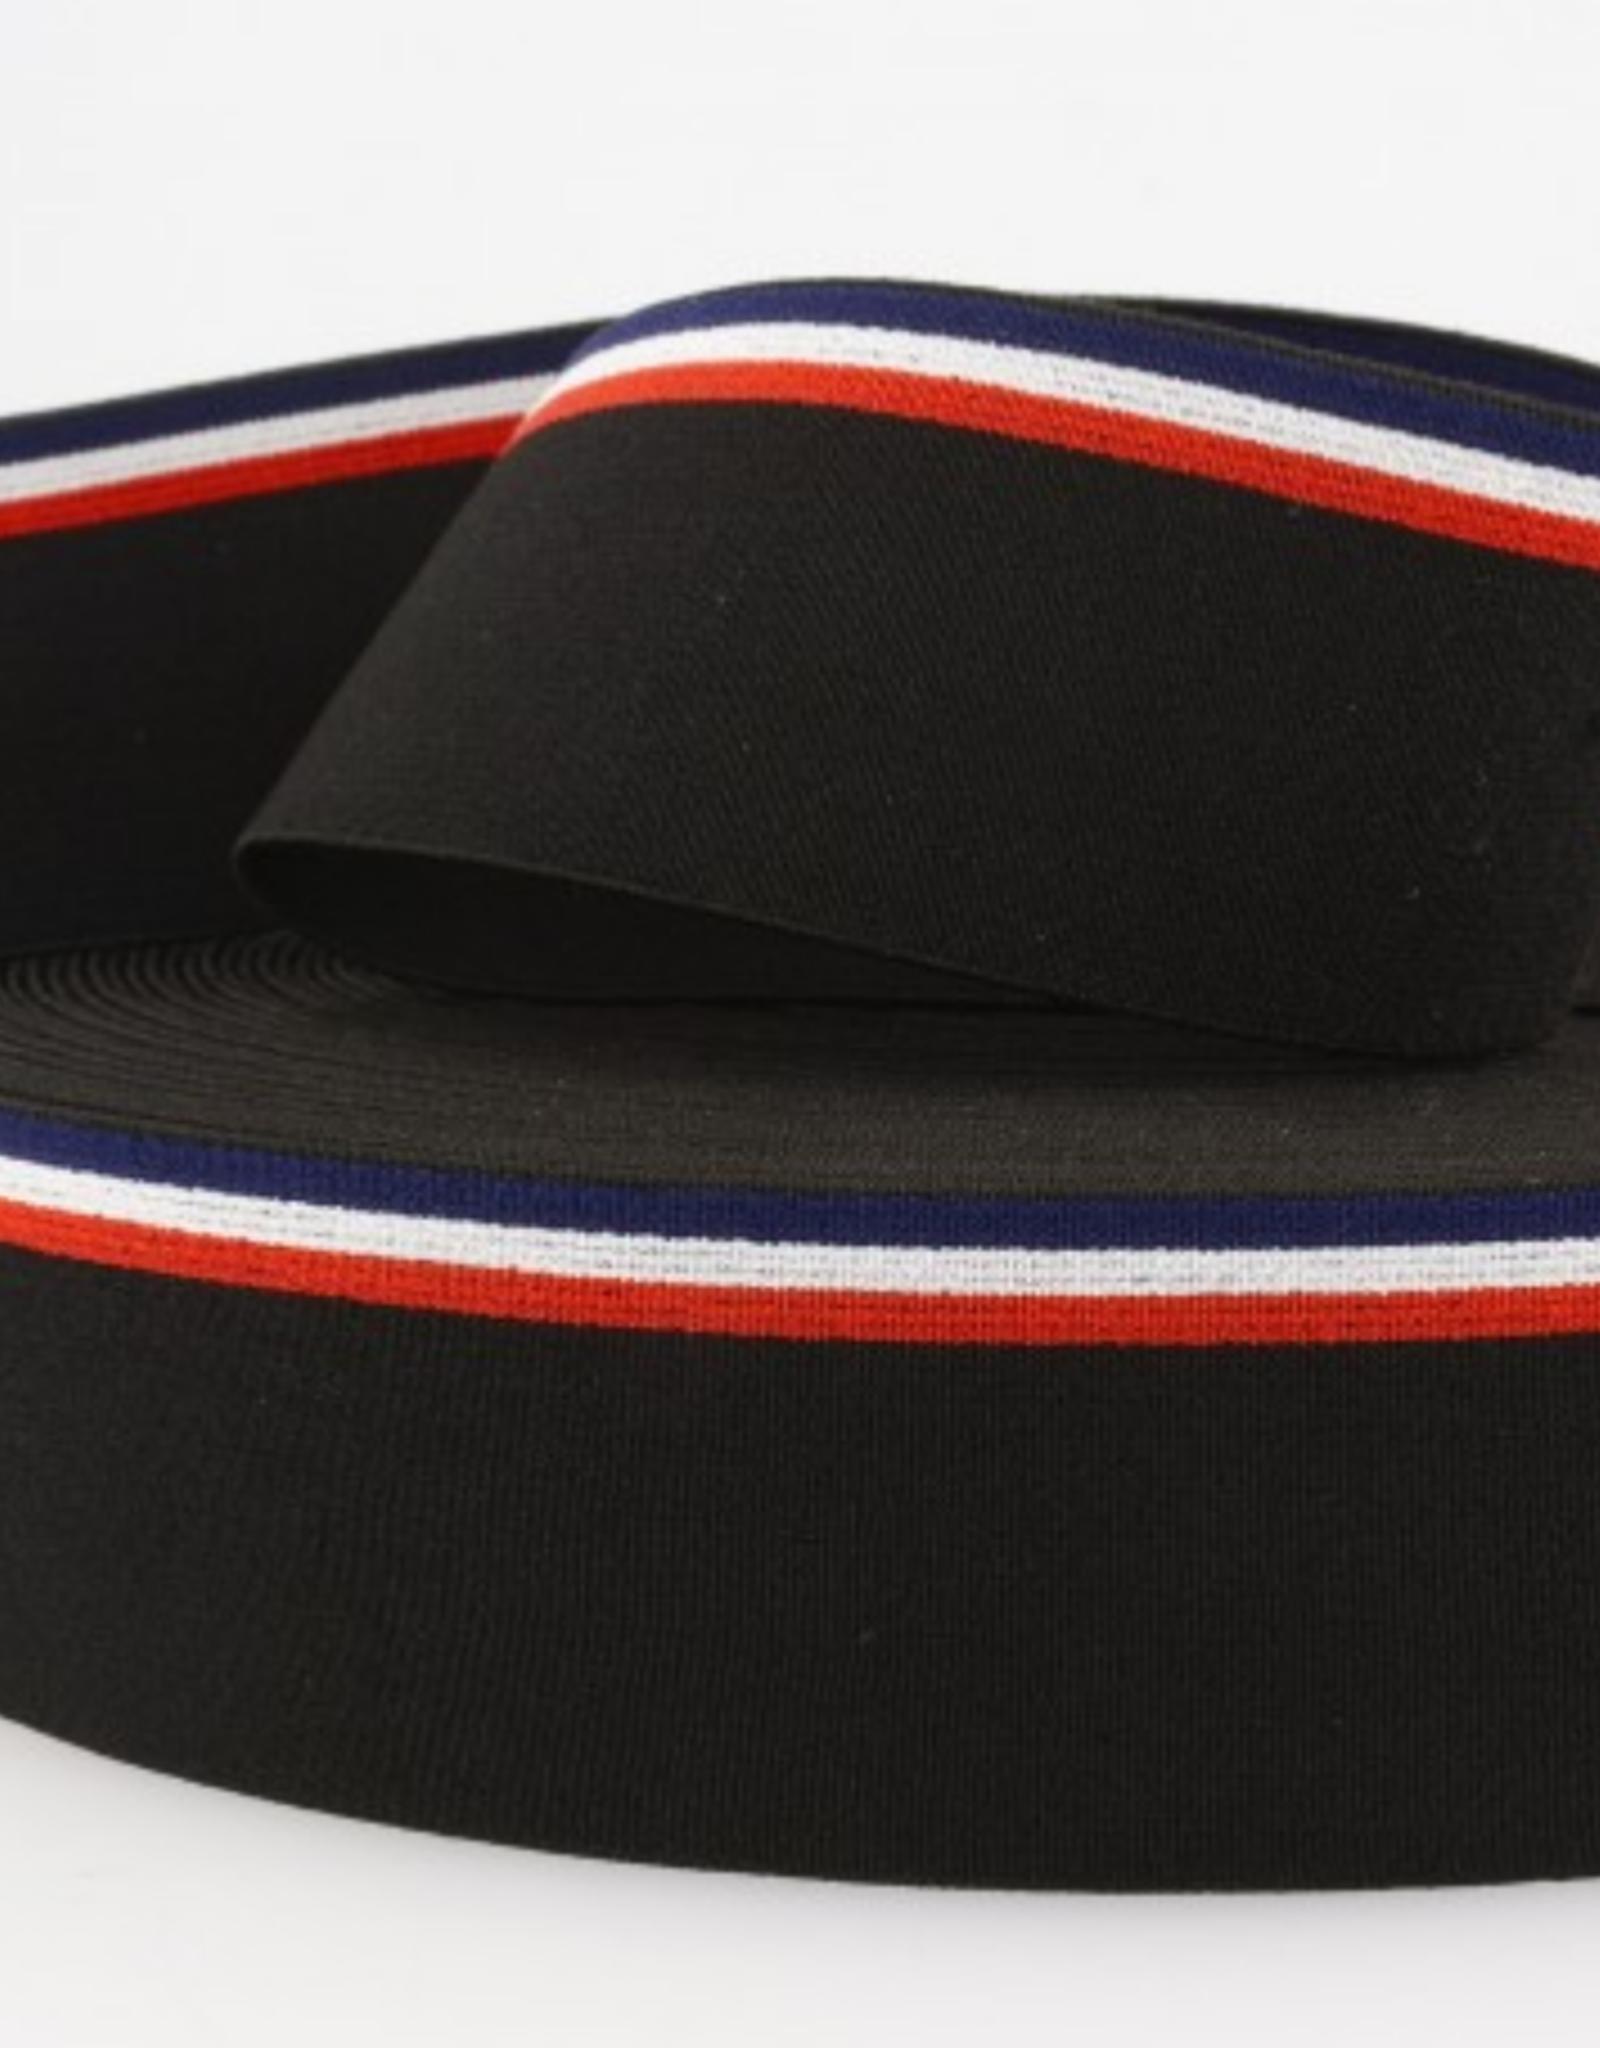 Elastiek 40mm - Stripes Black/Red/White/Blue